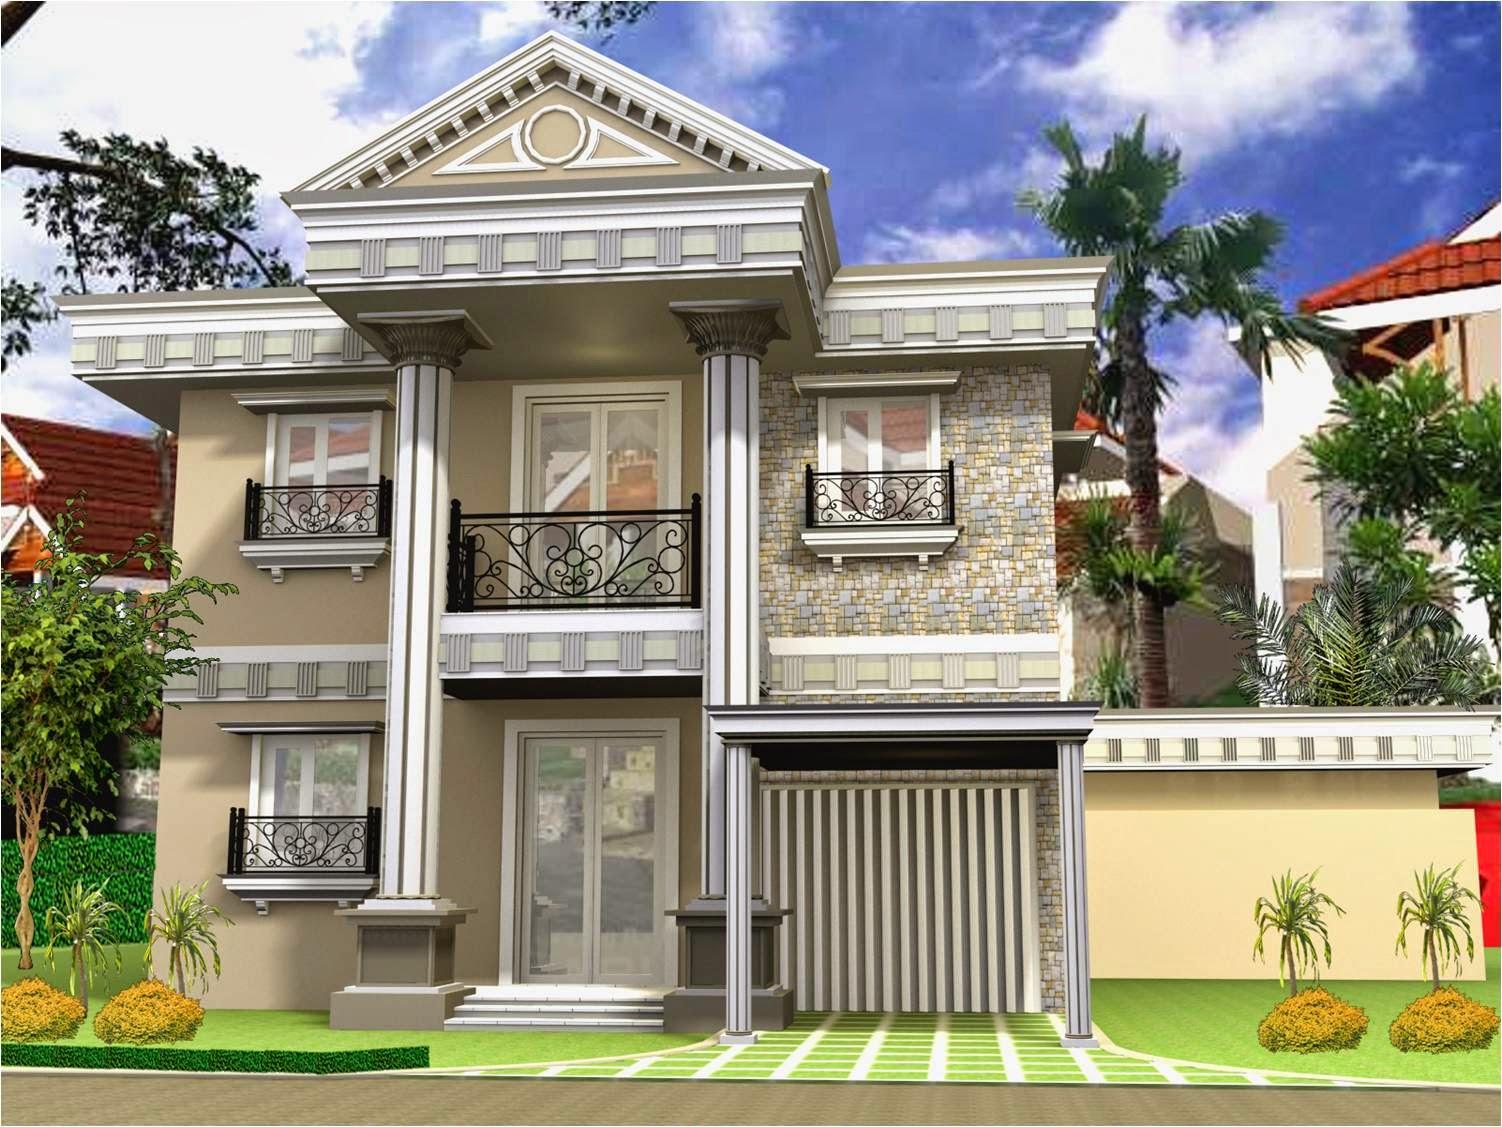 Download Gambar Desain Rumah Bergaya Eropa Klasik Model Minimalis